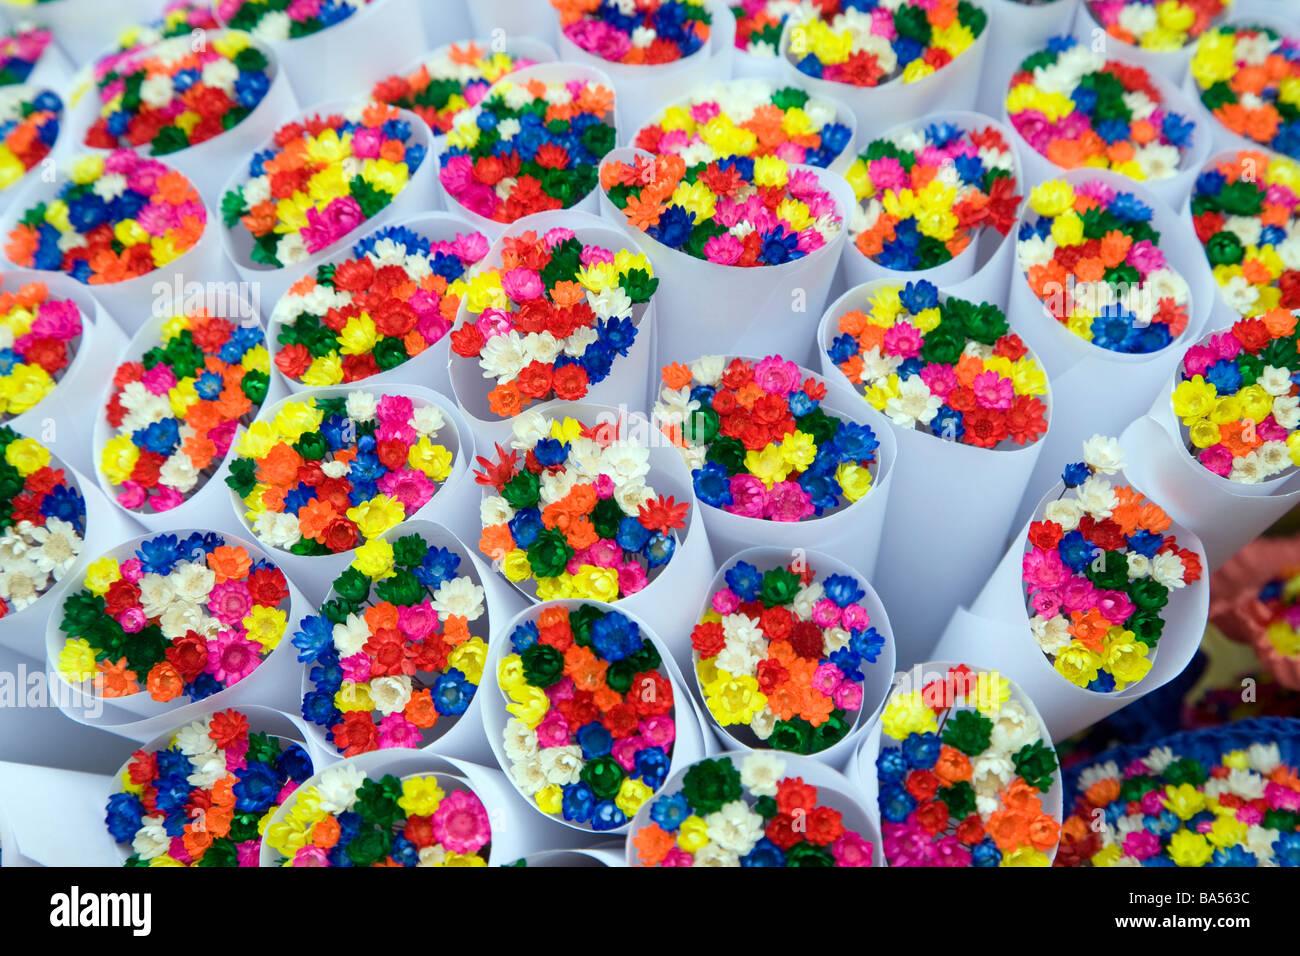 Bries Blume Blumensträuße Mercat la Boqueria Las Ramblas Barcelona Spanien Stockbild